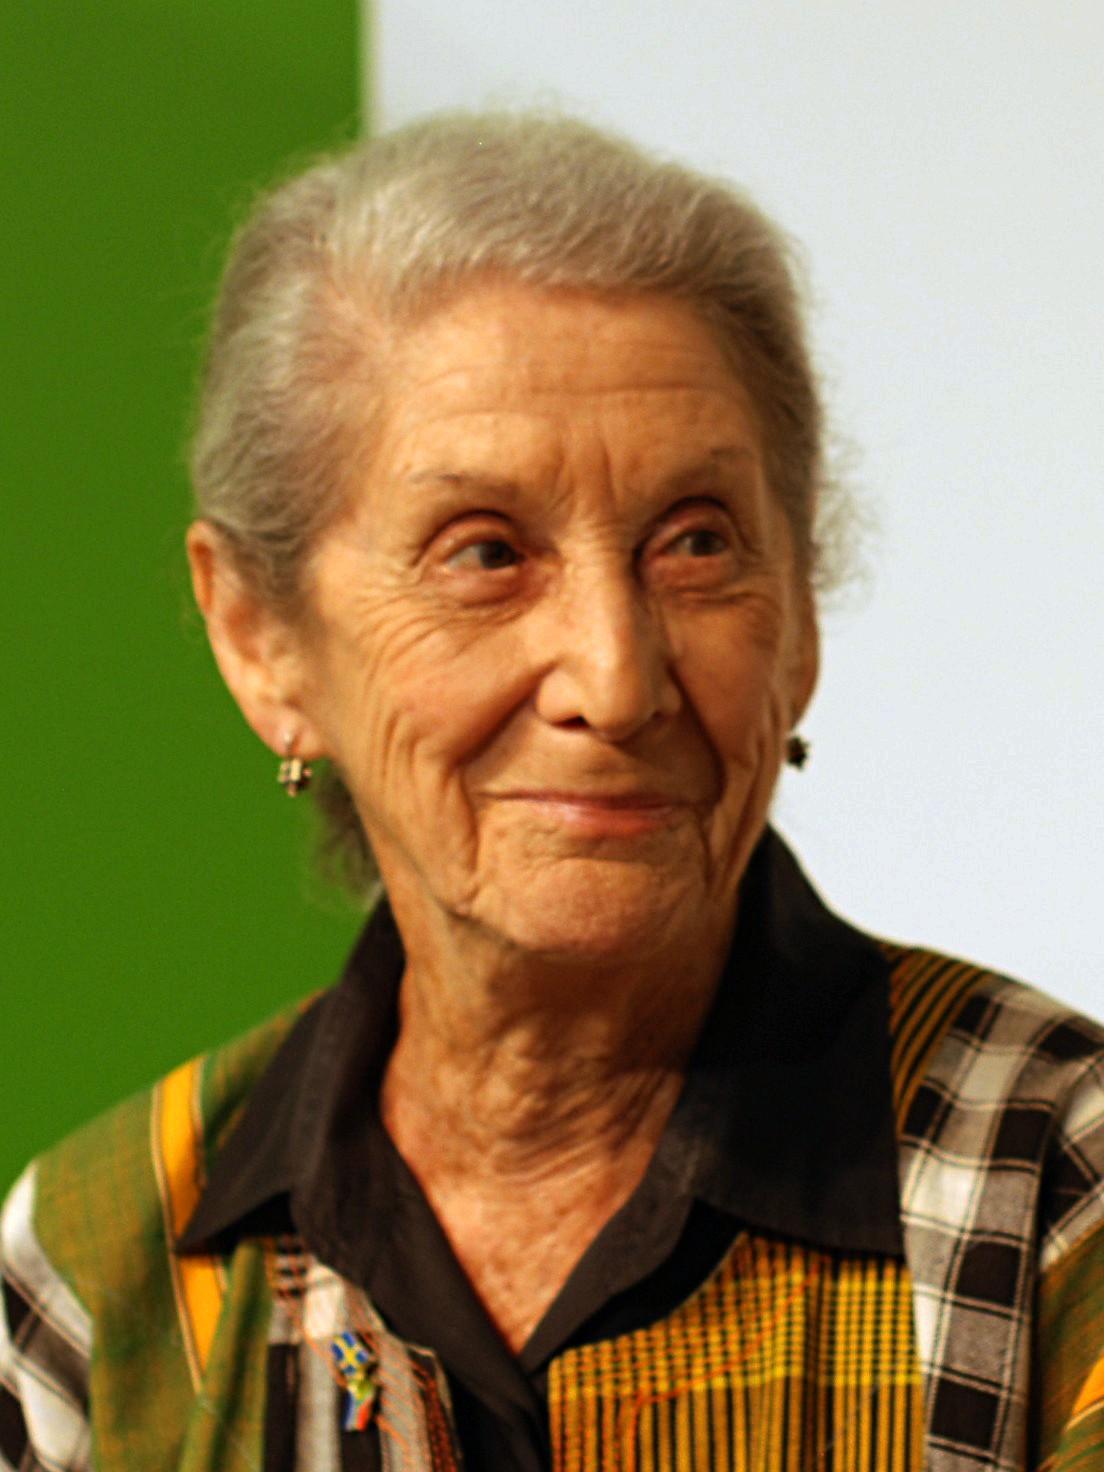 Gordimer, Nadine portréja